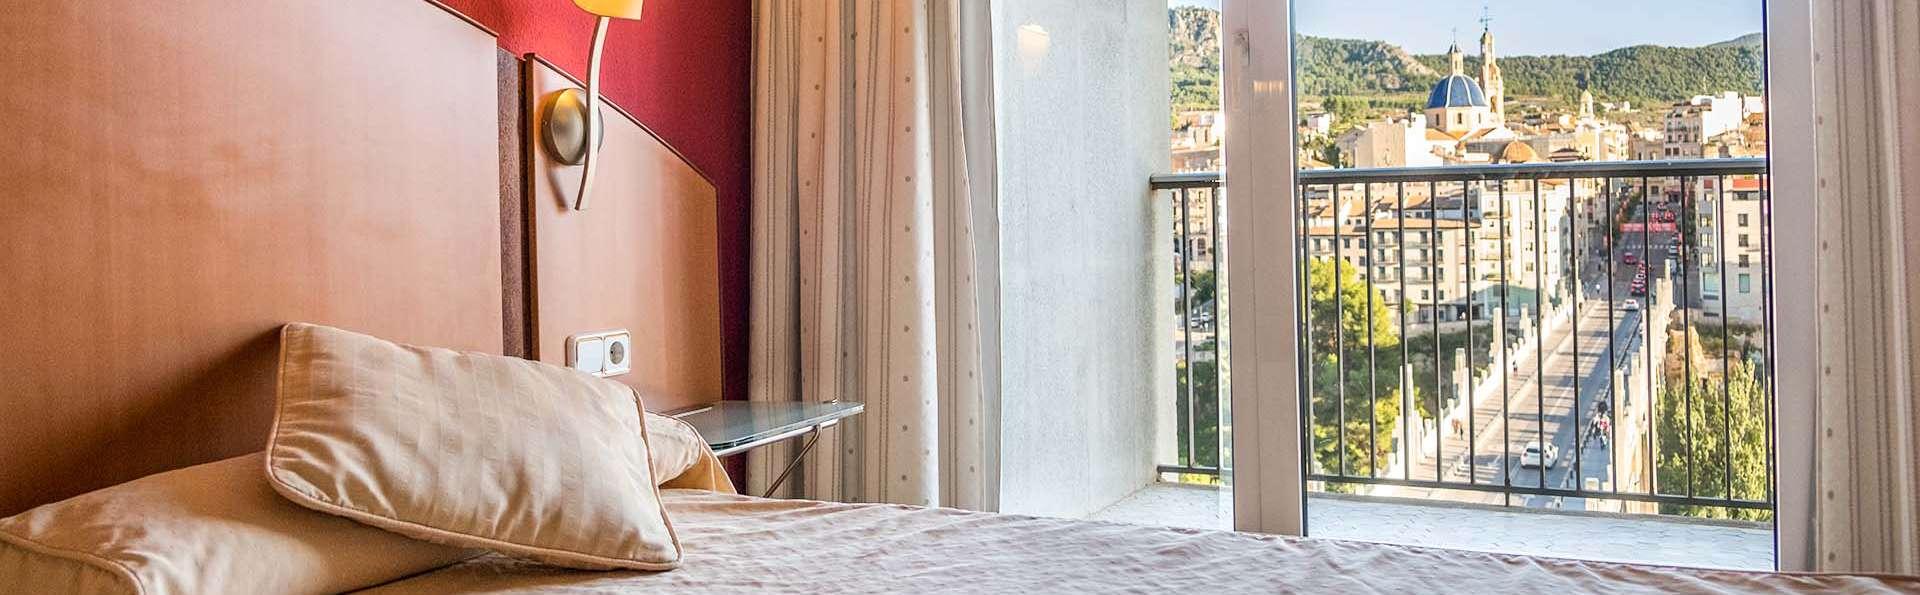 Hotel Reconquista - EDIT_AERIAL_02.jpg